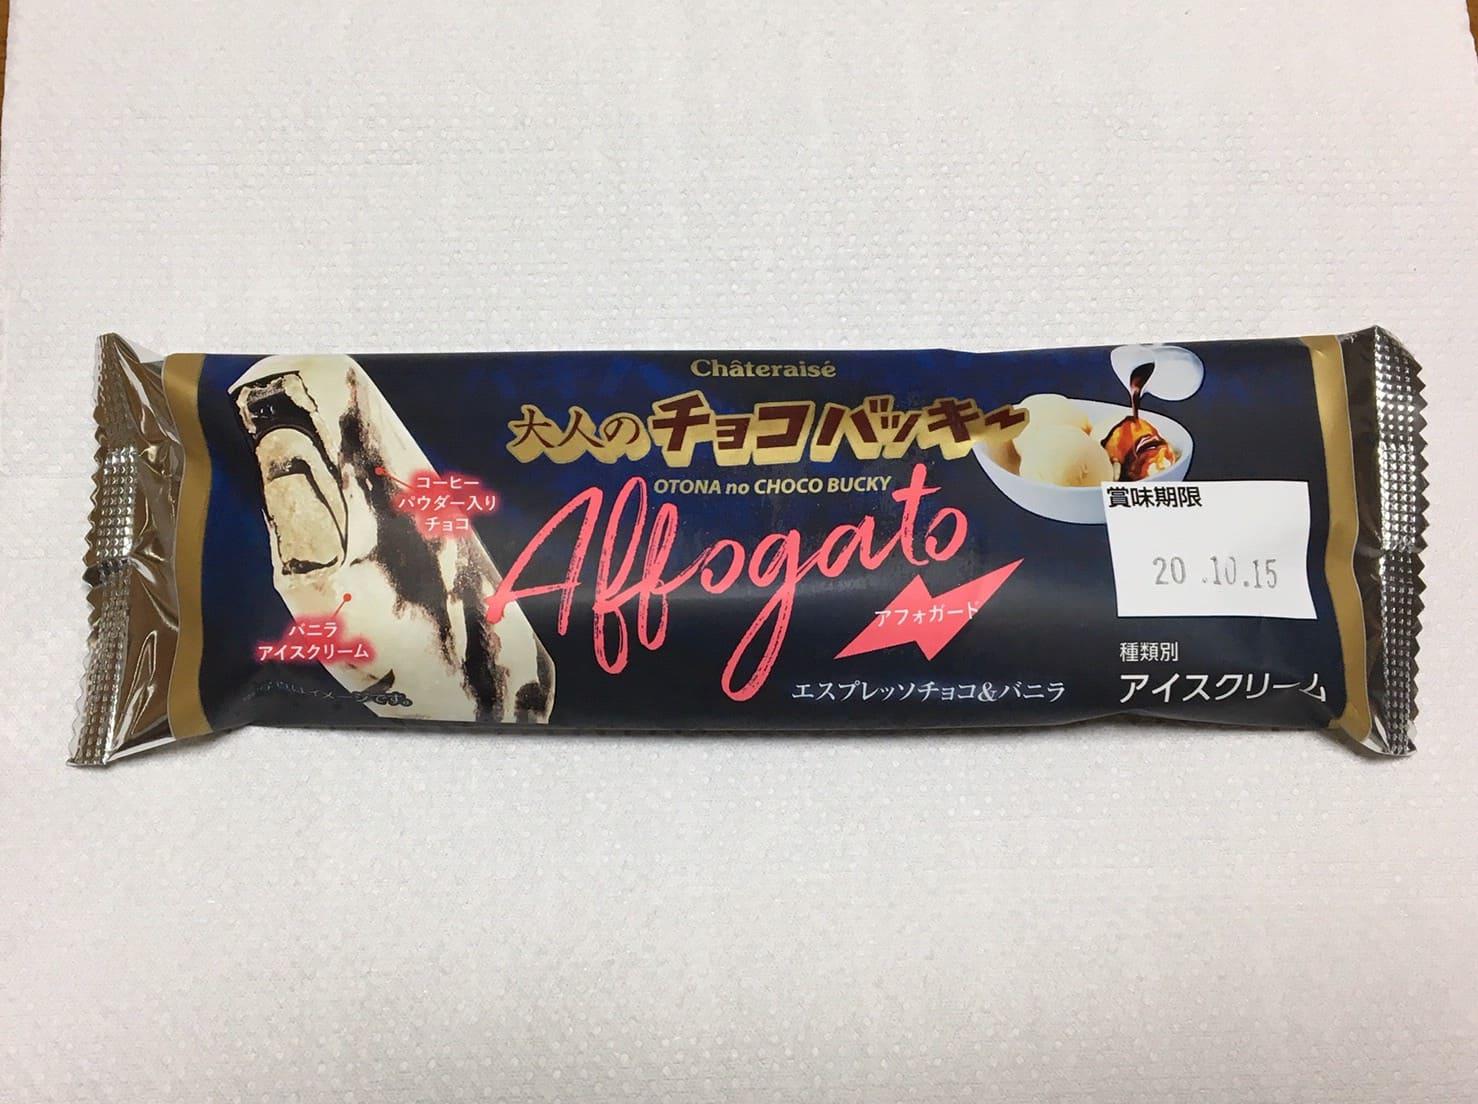 大人のチョコバッキー アフォガード